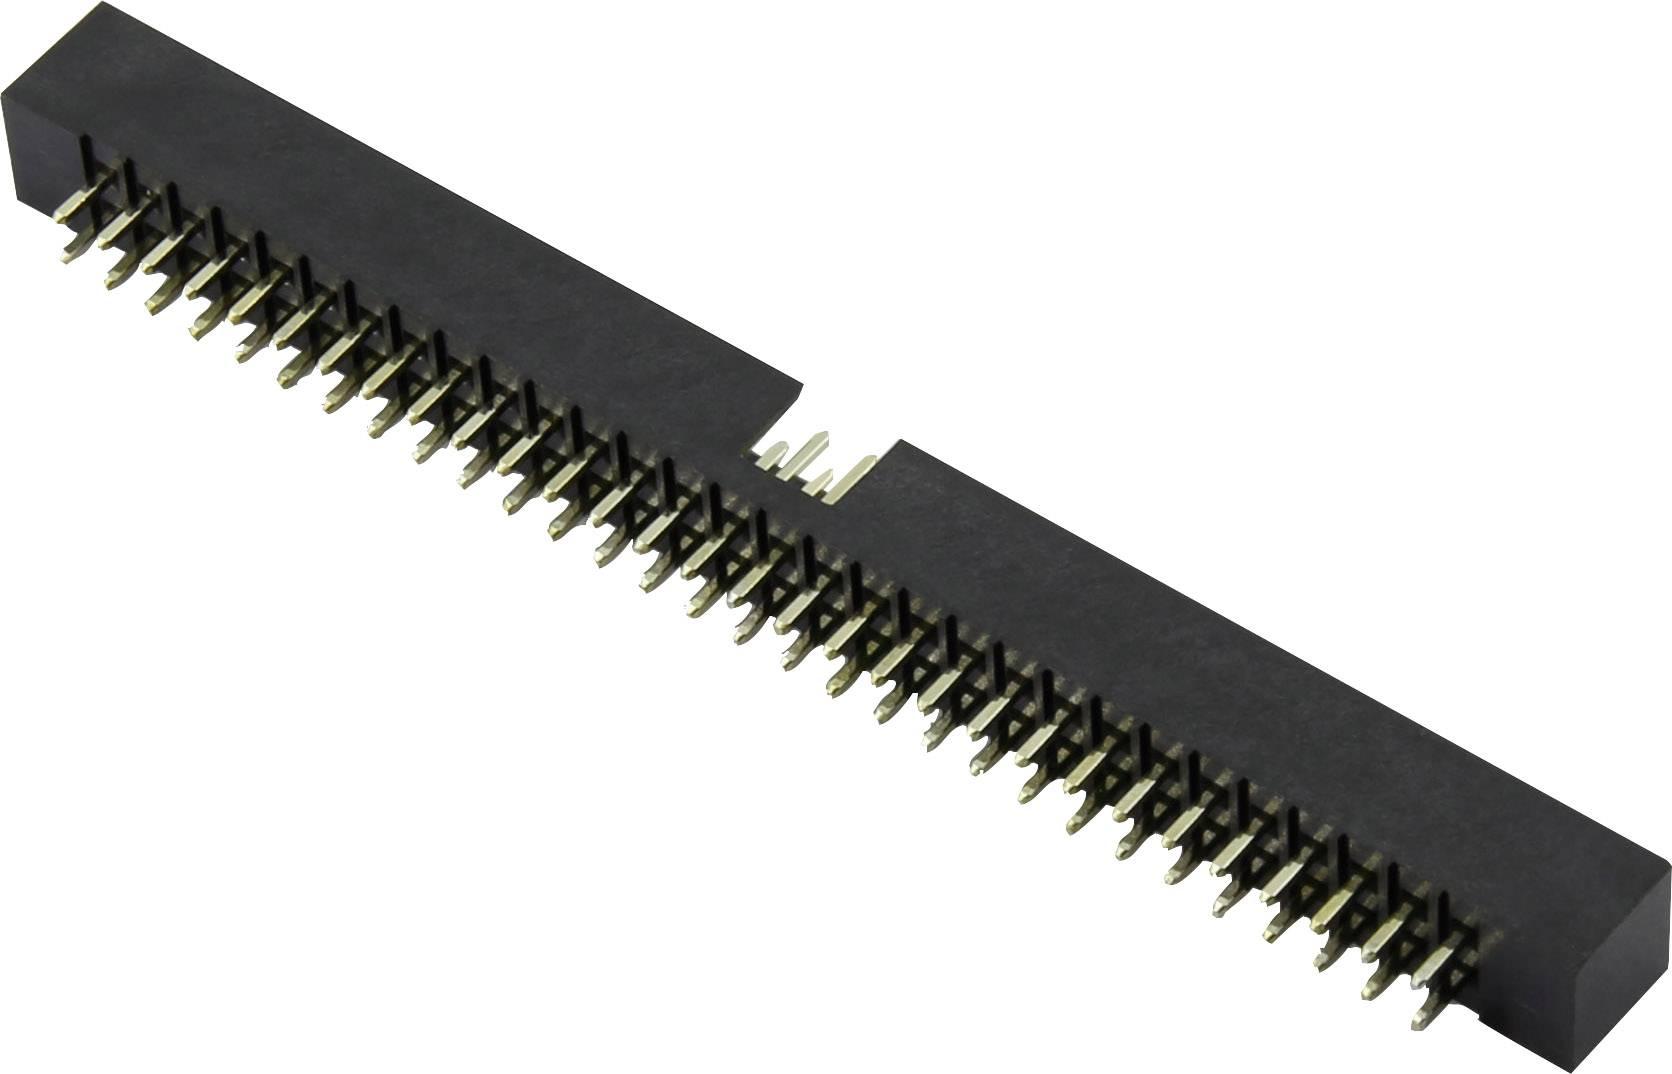 Konektor pro ploché kabely Connfly DS1014-16RF1B, rastr (rozteč): 2 mm, počet pólů: 16, 1 ks